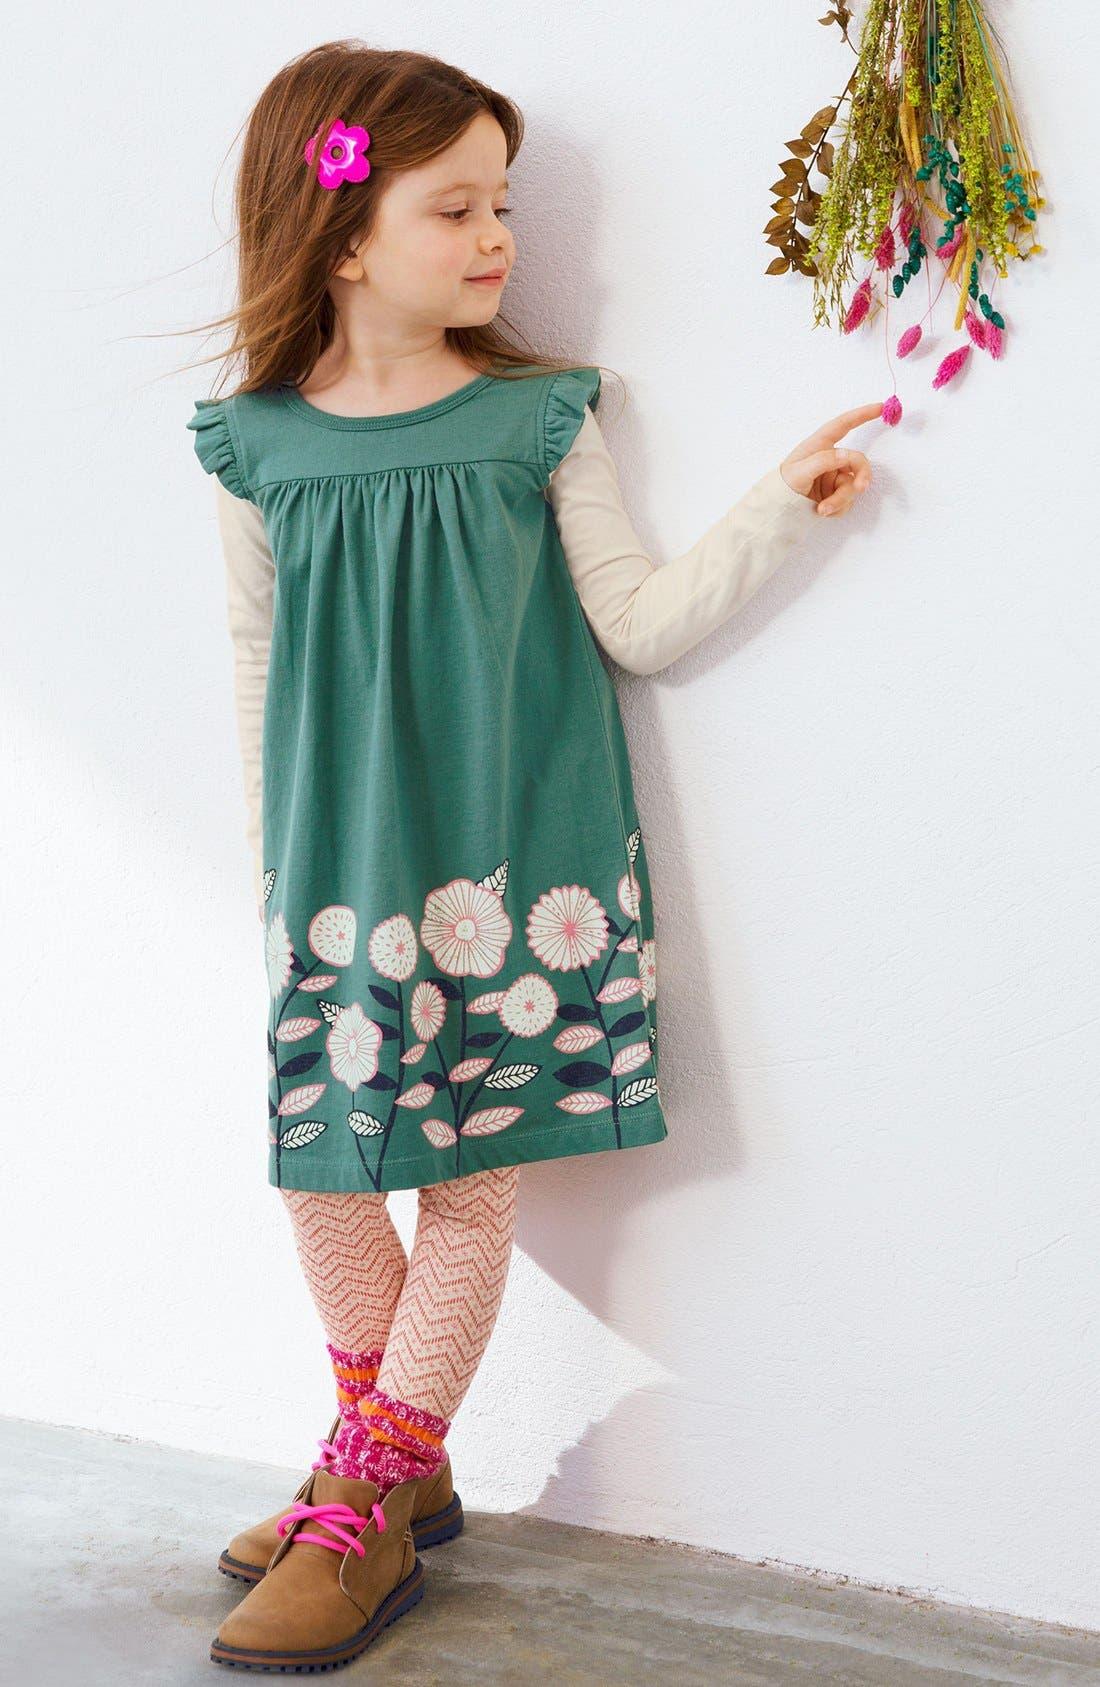 Alternate Image 3  - Tea Collection 'Midori - Double Decker' Layered Dress (Toddler Girls, Little Girls & Big Girls)